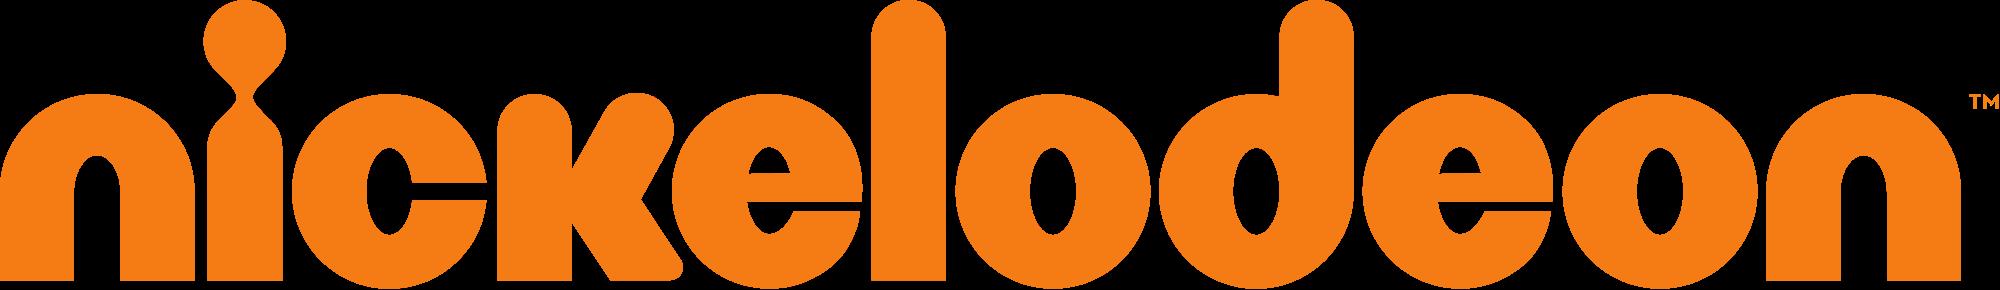 Nickelodeon_logo_2009[1].png